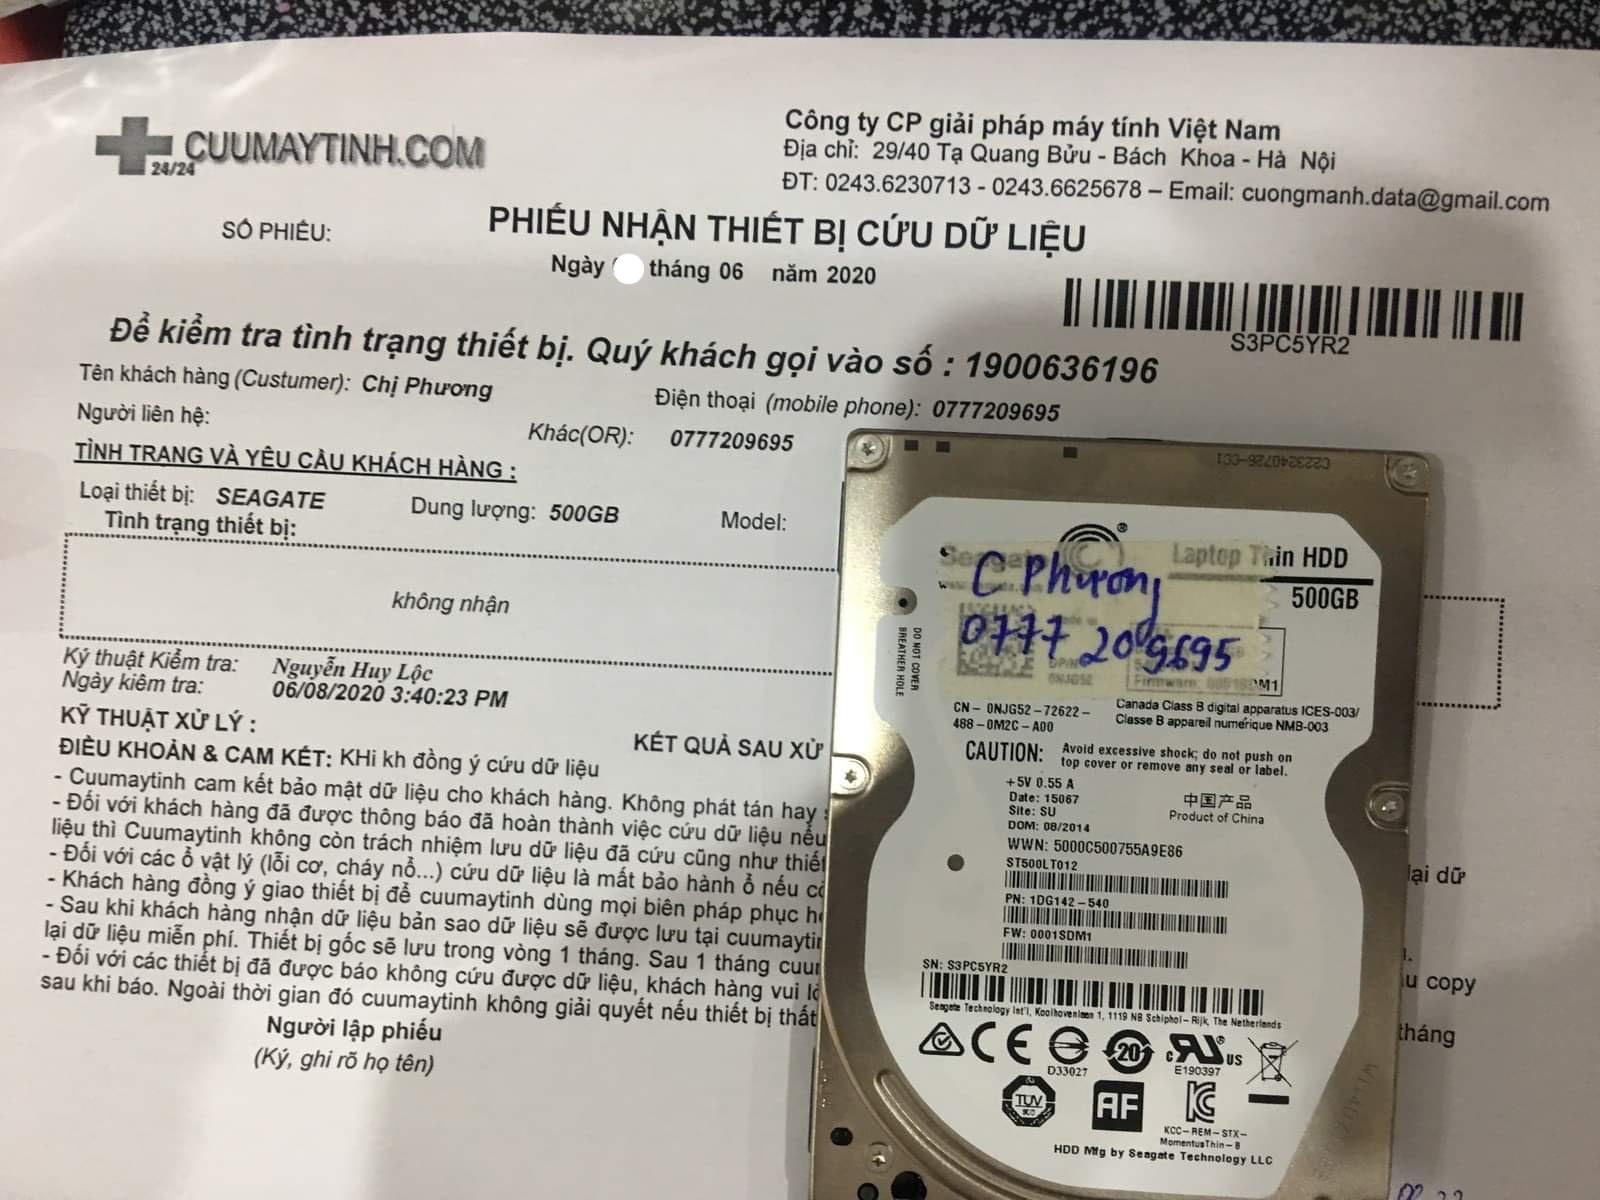 Lấy dữ liệu ổ cứng Seagate dung lượng 500GB không nhận 11/06/2020 - cuumaytinh